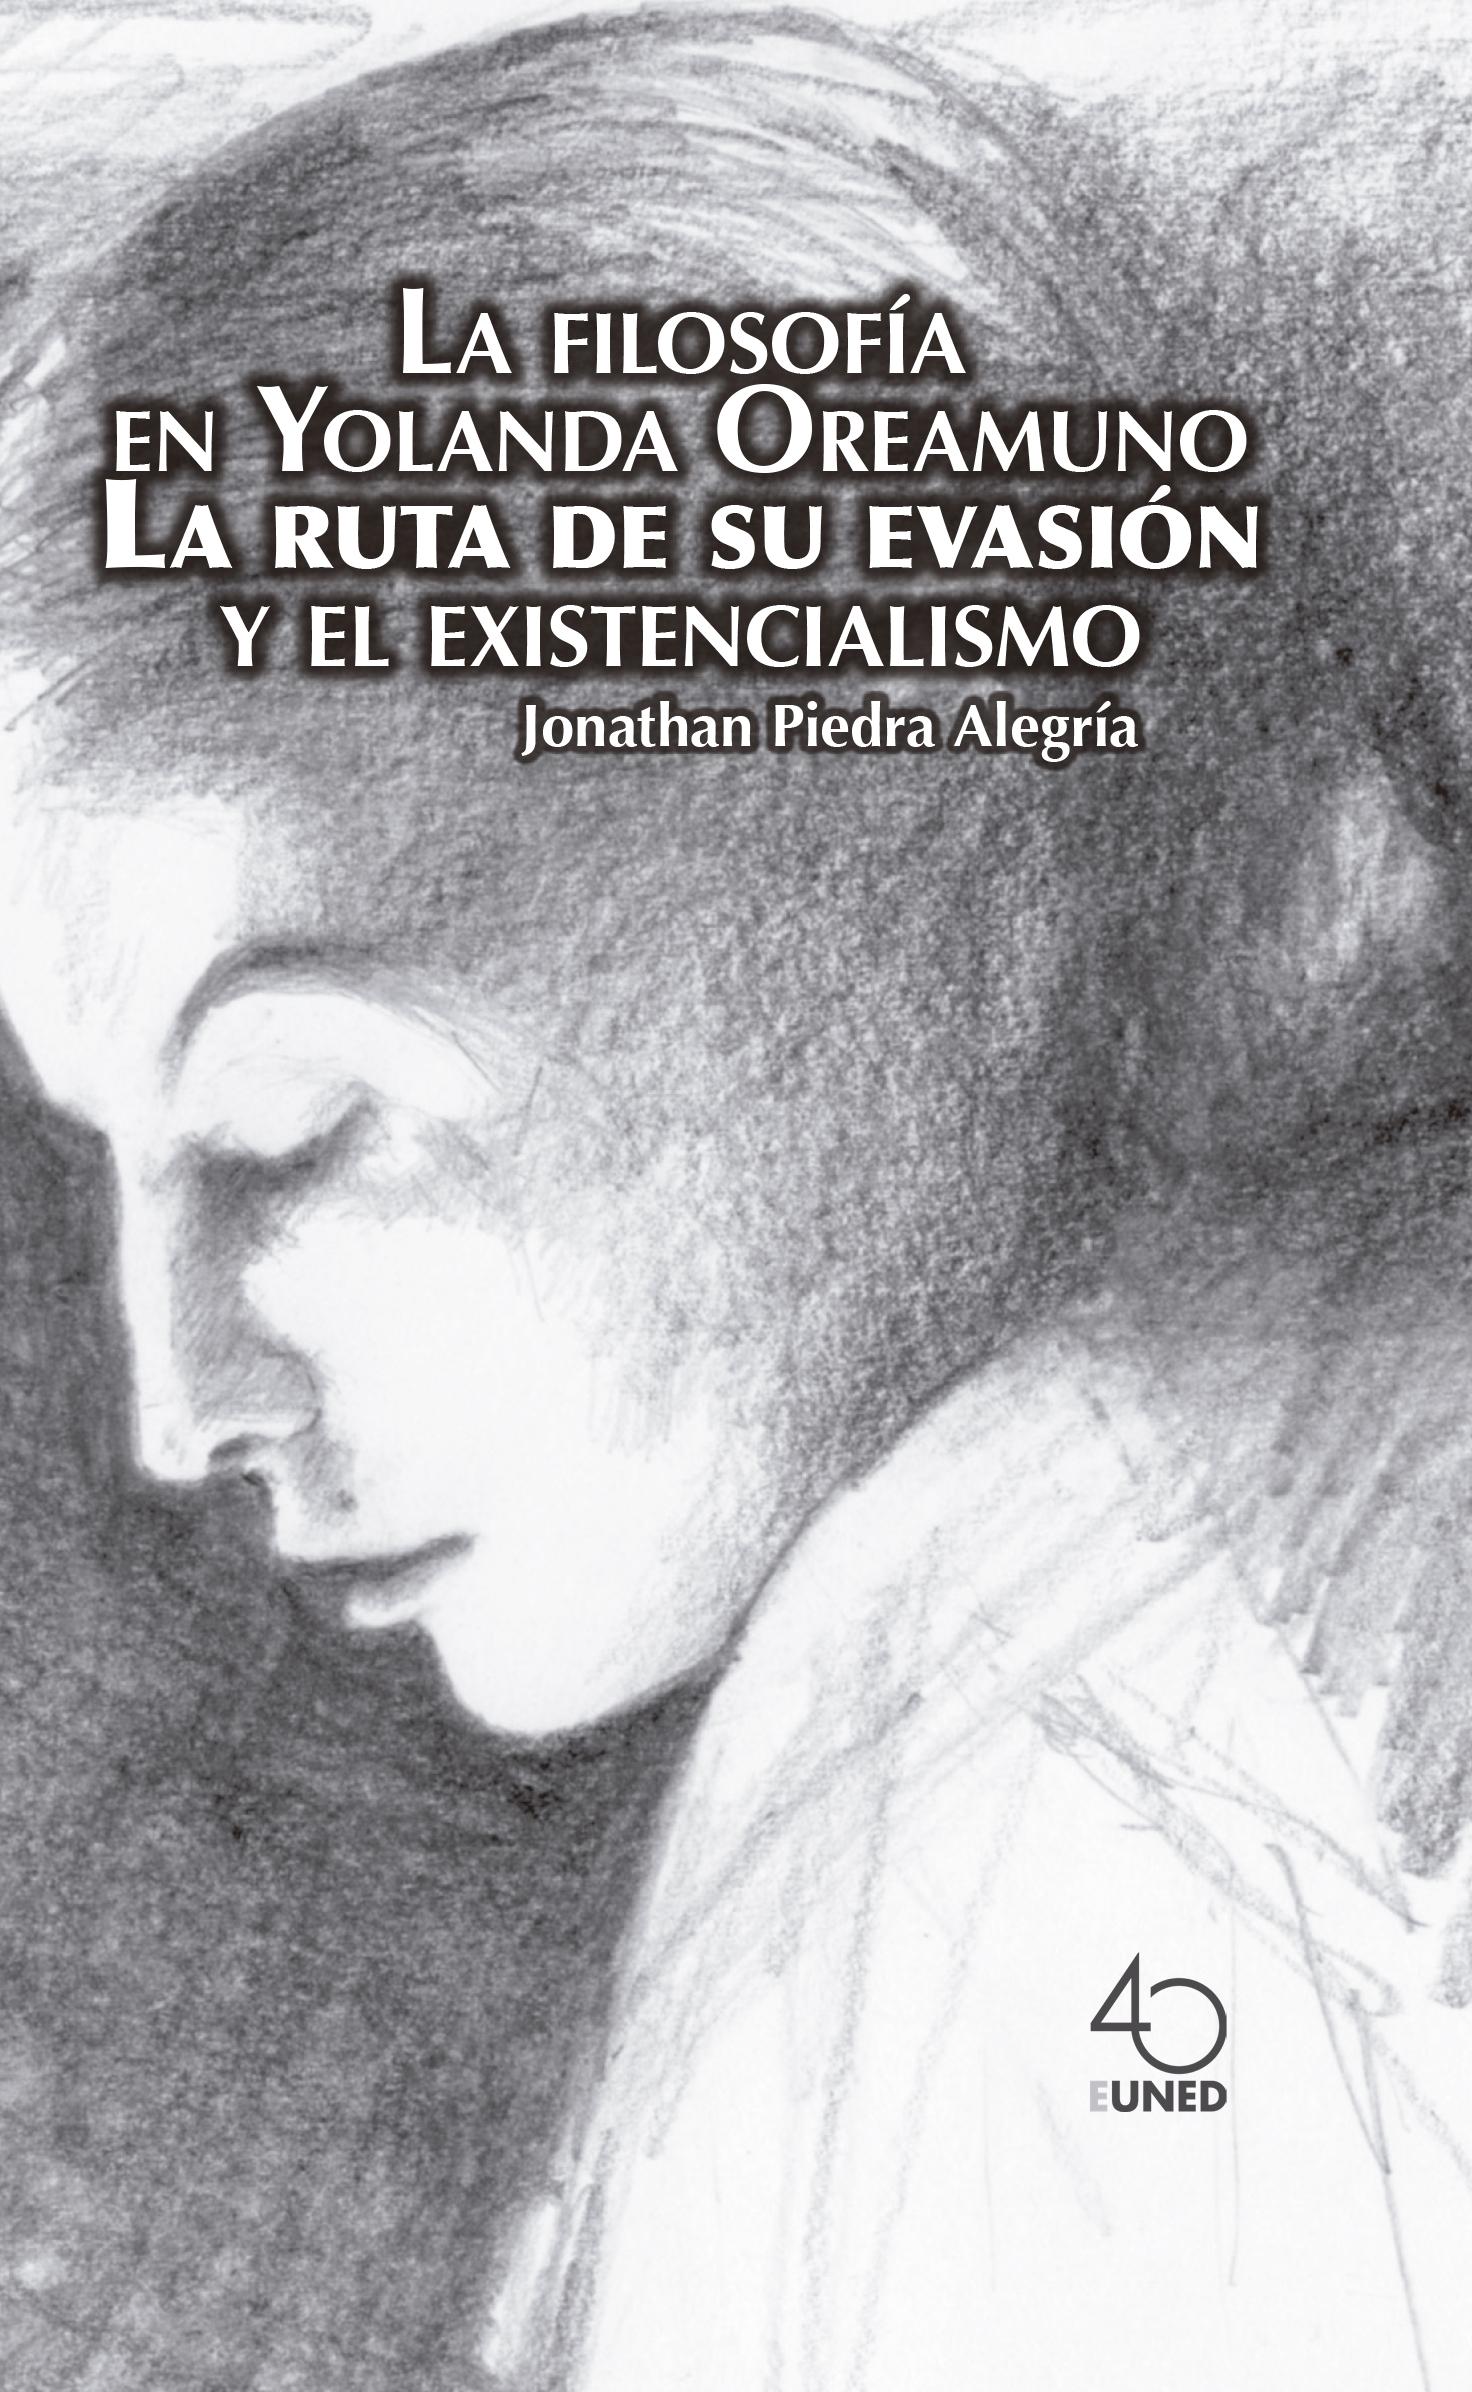 La filosofía en Yolanda Oreamuno